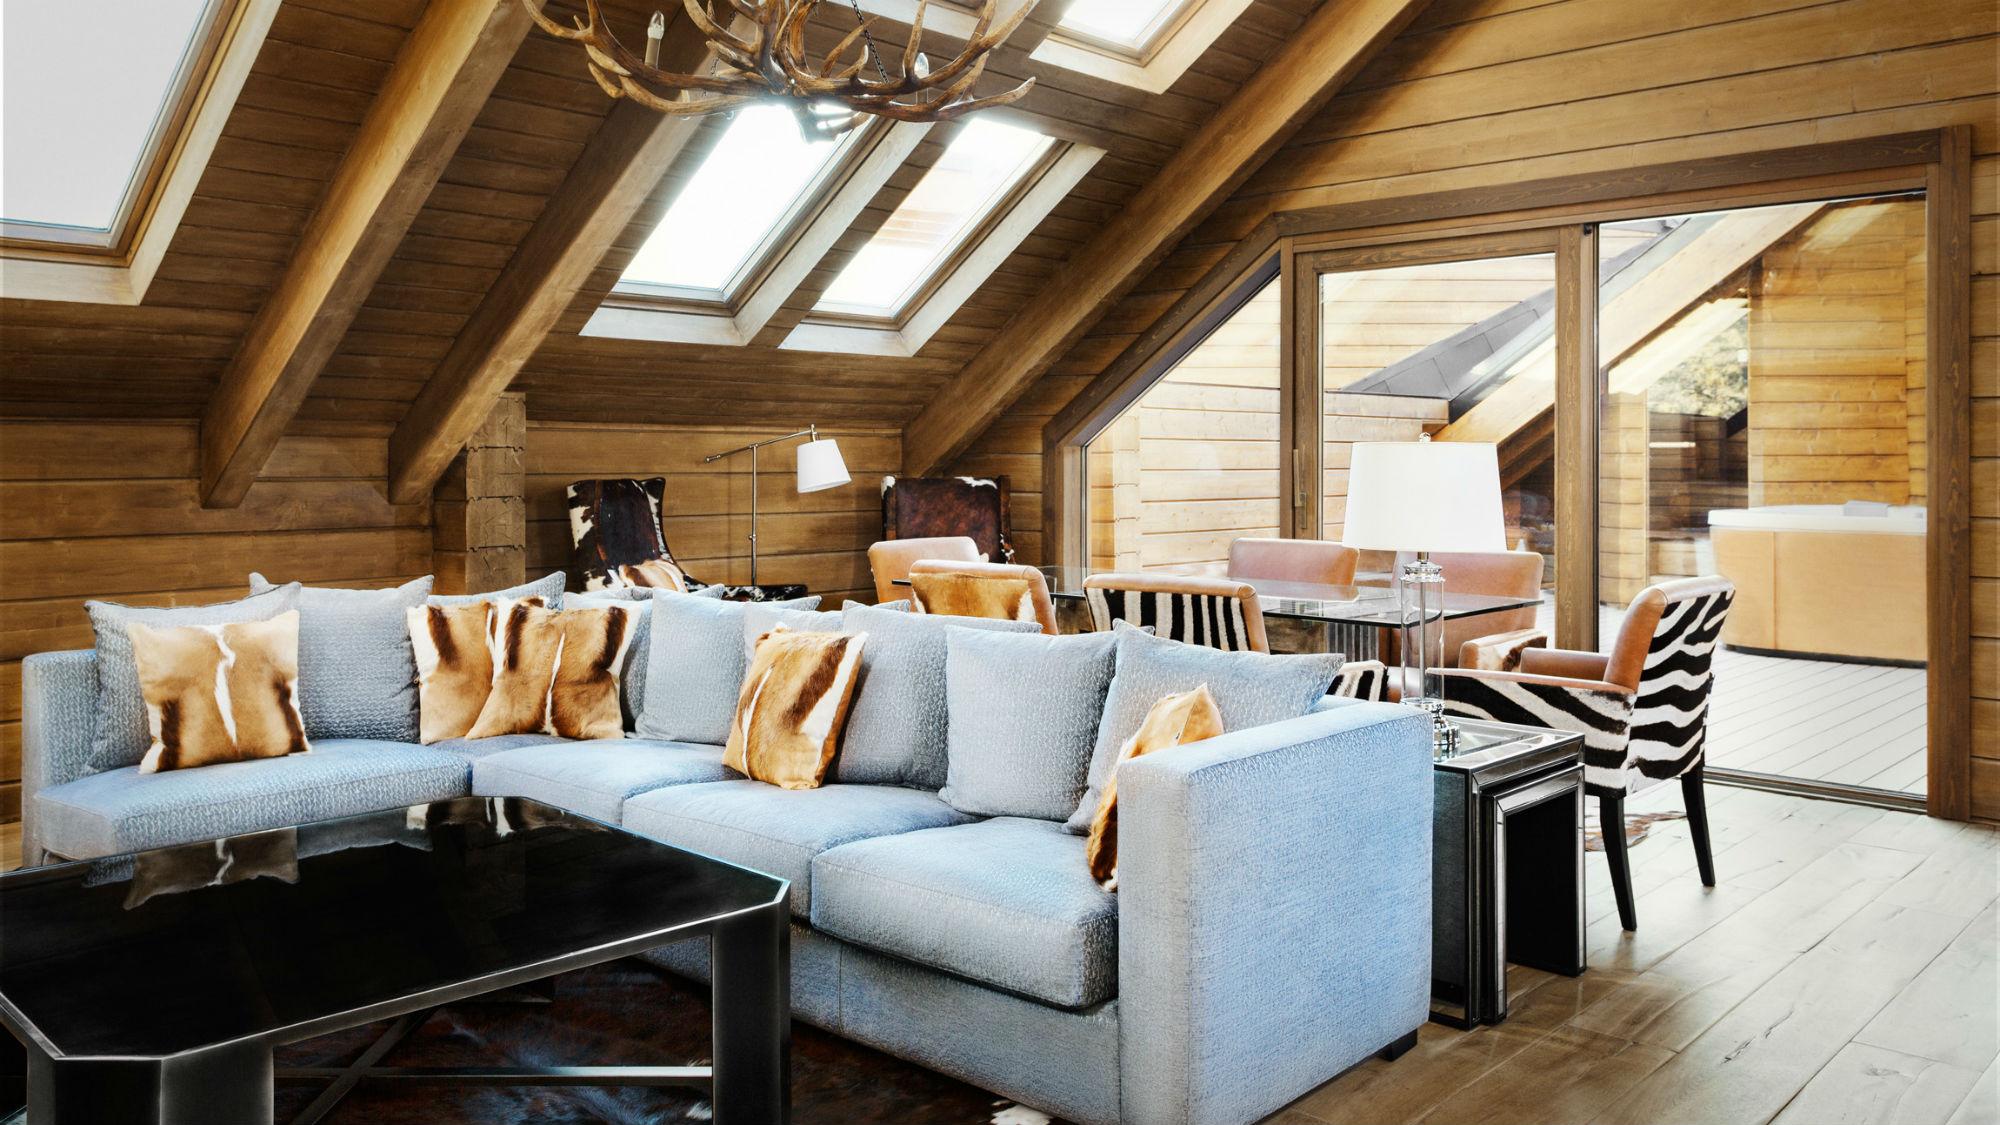 Una casa di montagna in legno e vetro for Arredamento di montagna moderno